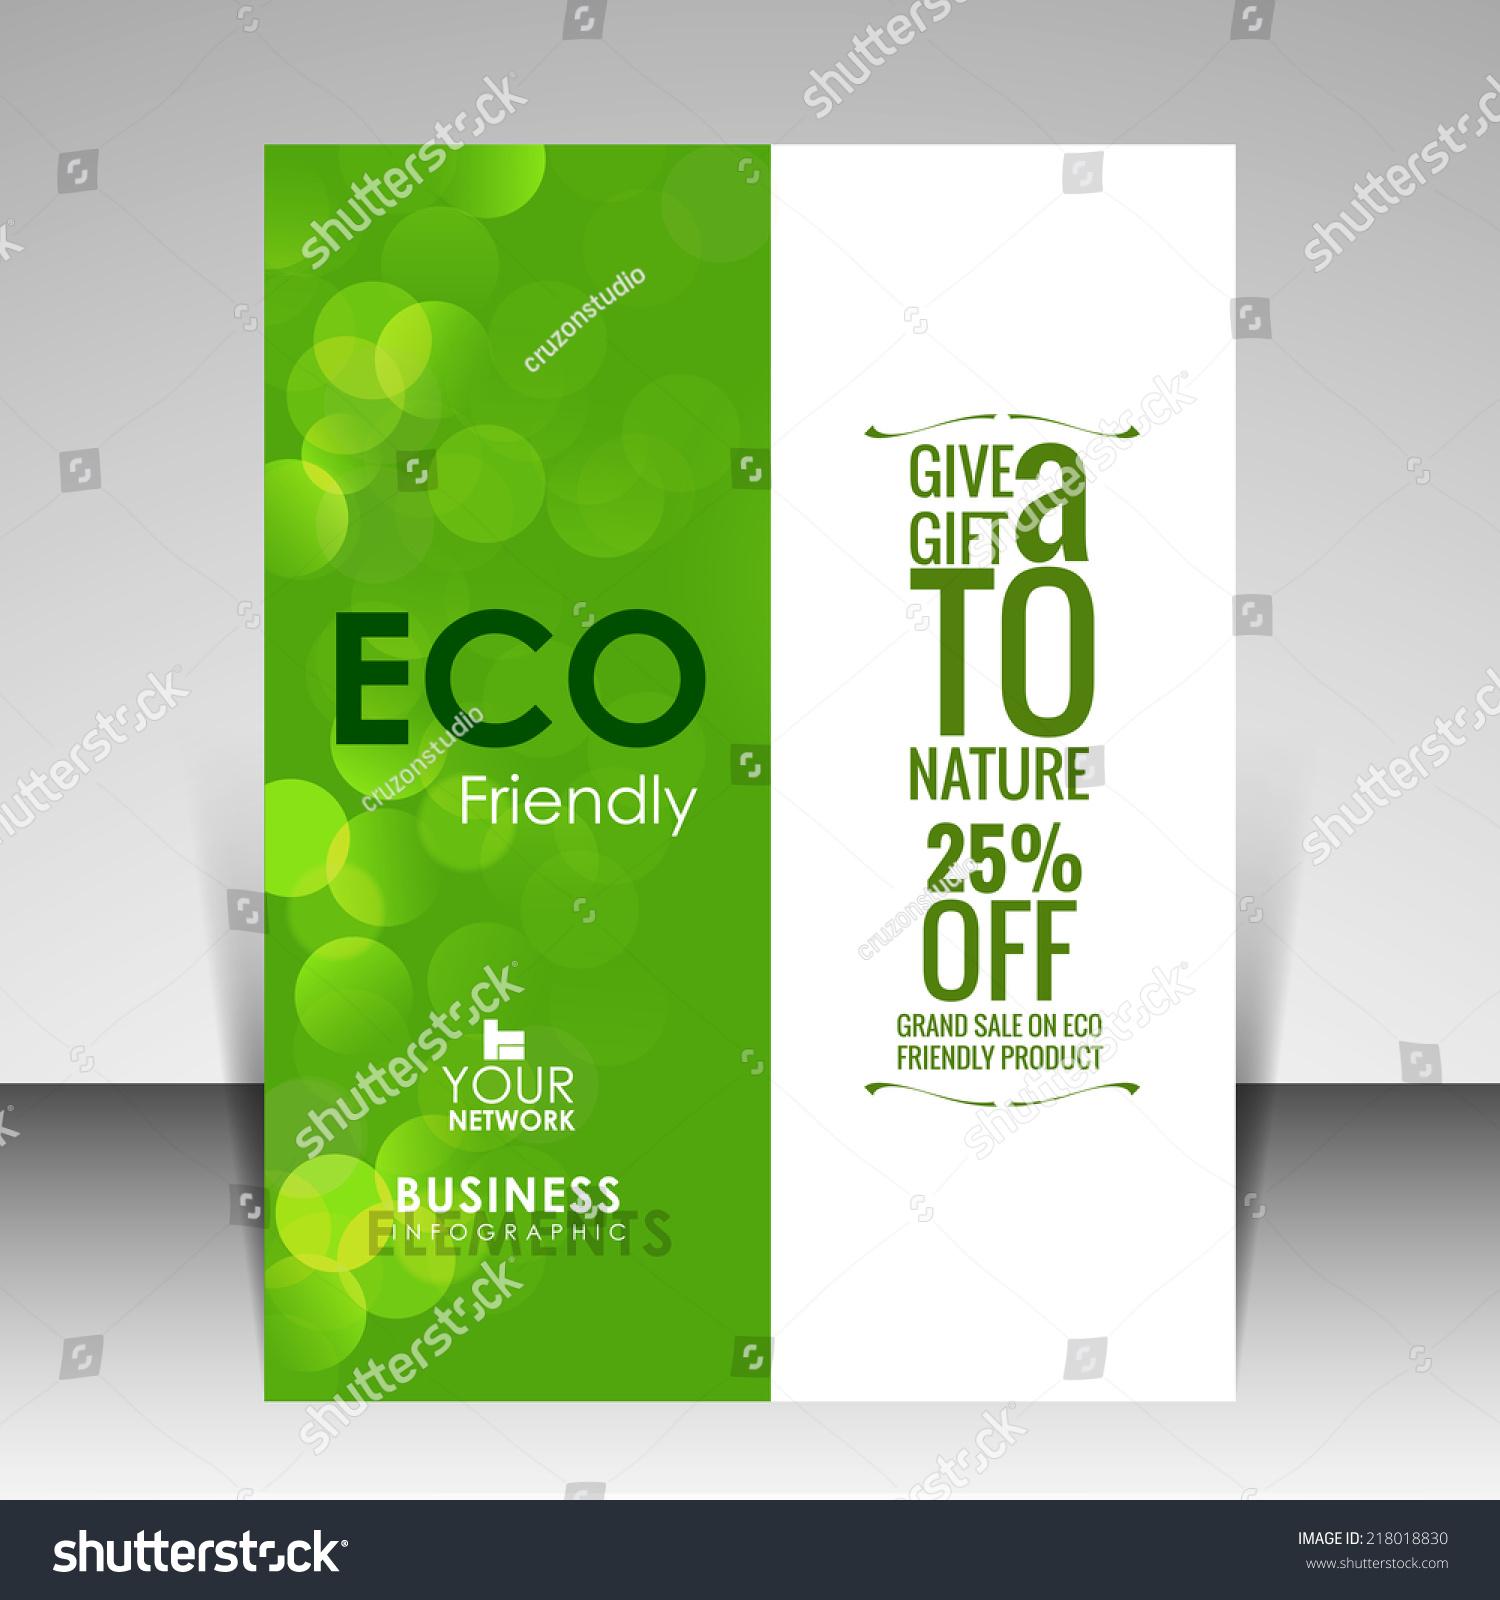 Vector Flyer Design Eco Friendly Stock Vector 218018830 - Shutterstock